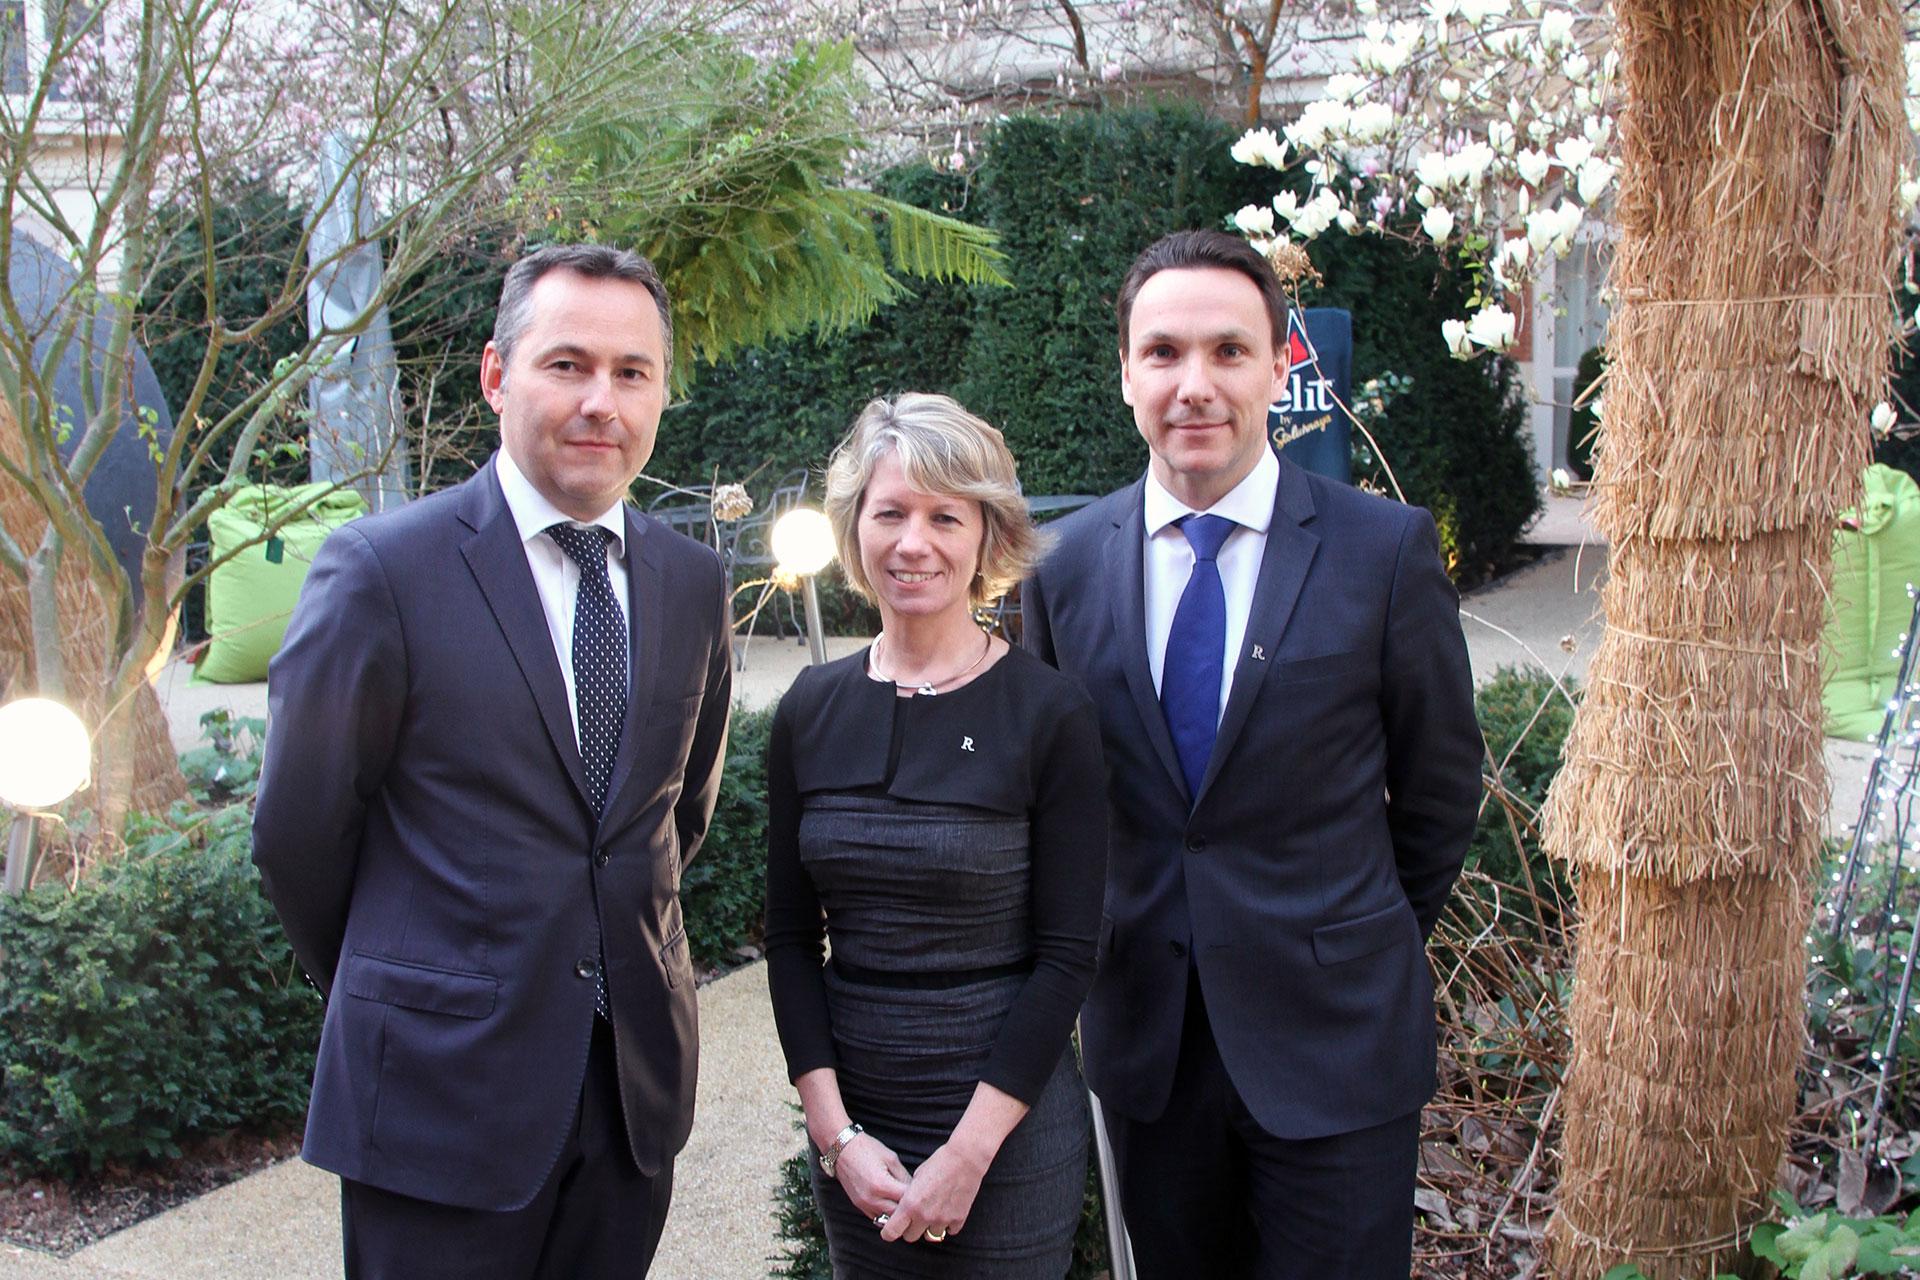 Stéphane Cronier, Anne Legrand, Jérôme Bourdais, Hôtel Renaissance Paris